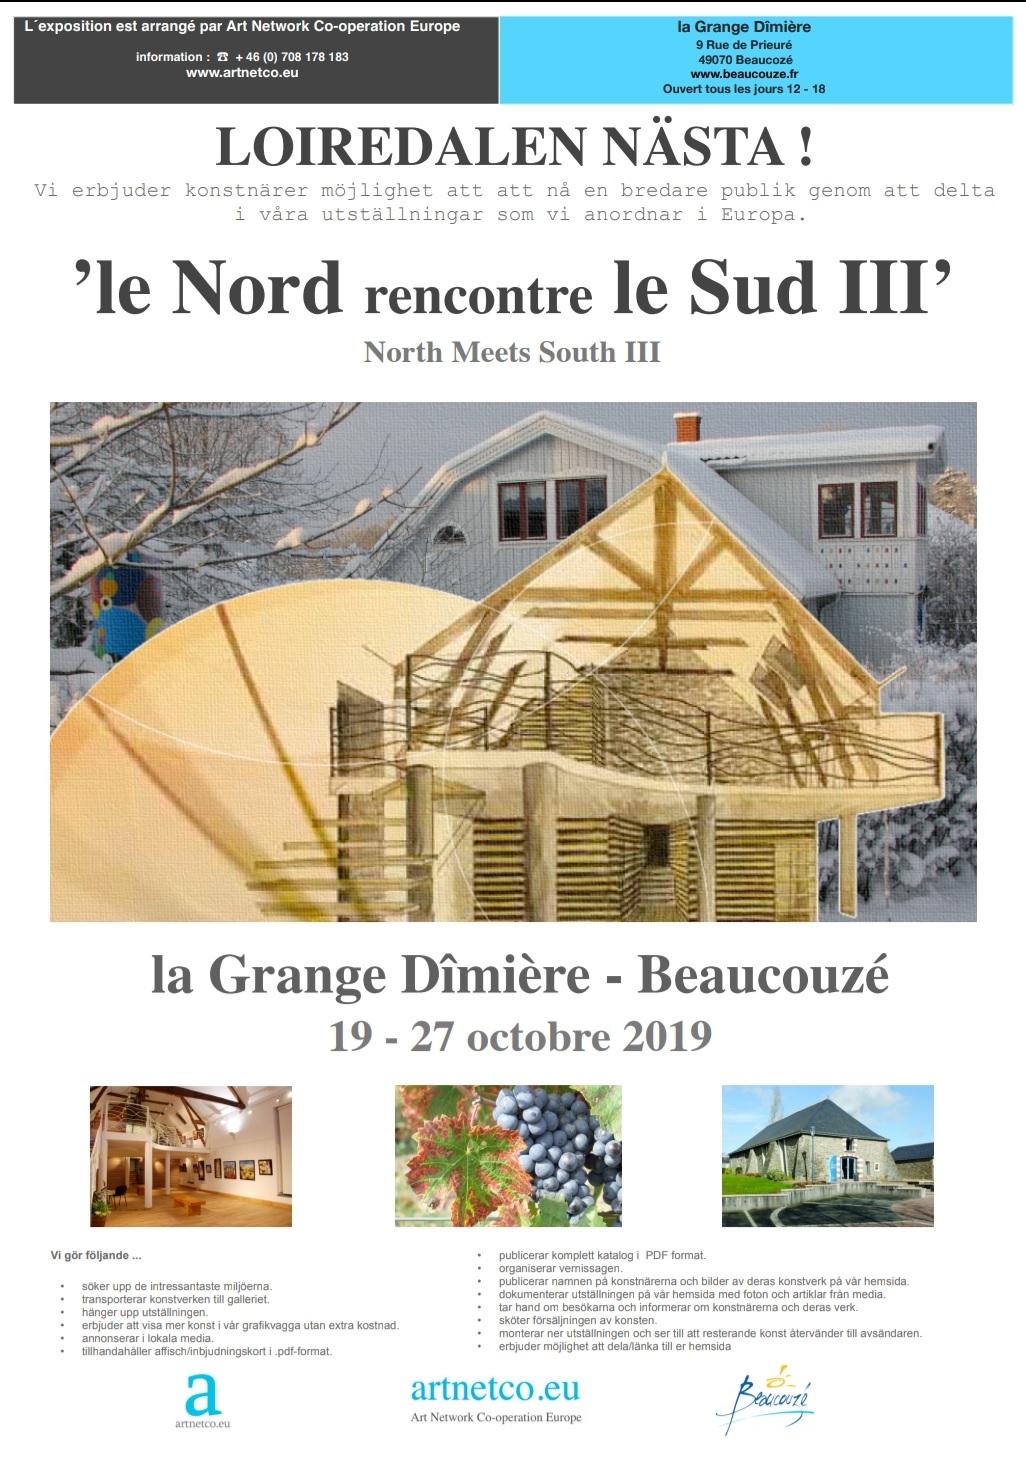 Deltar på denna utställning i Frankrike med en tavla. Spännande! Foto: Arrangören, Artnetco